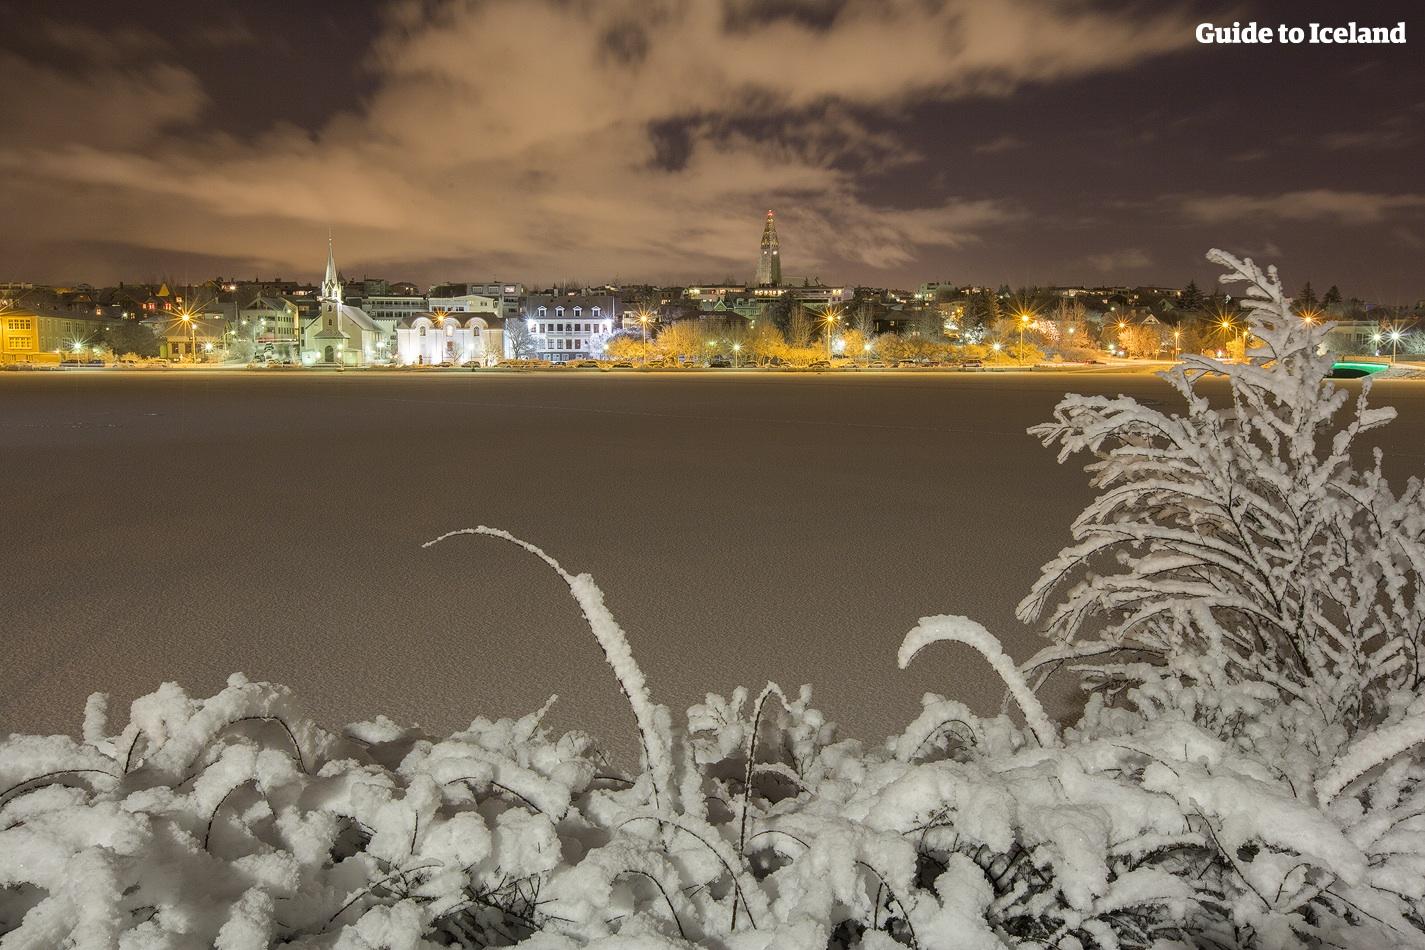 冰岛首都雷克雅未克是冰岛文化汇聚之地,是游客必游的冰岛城镇之一